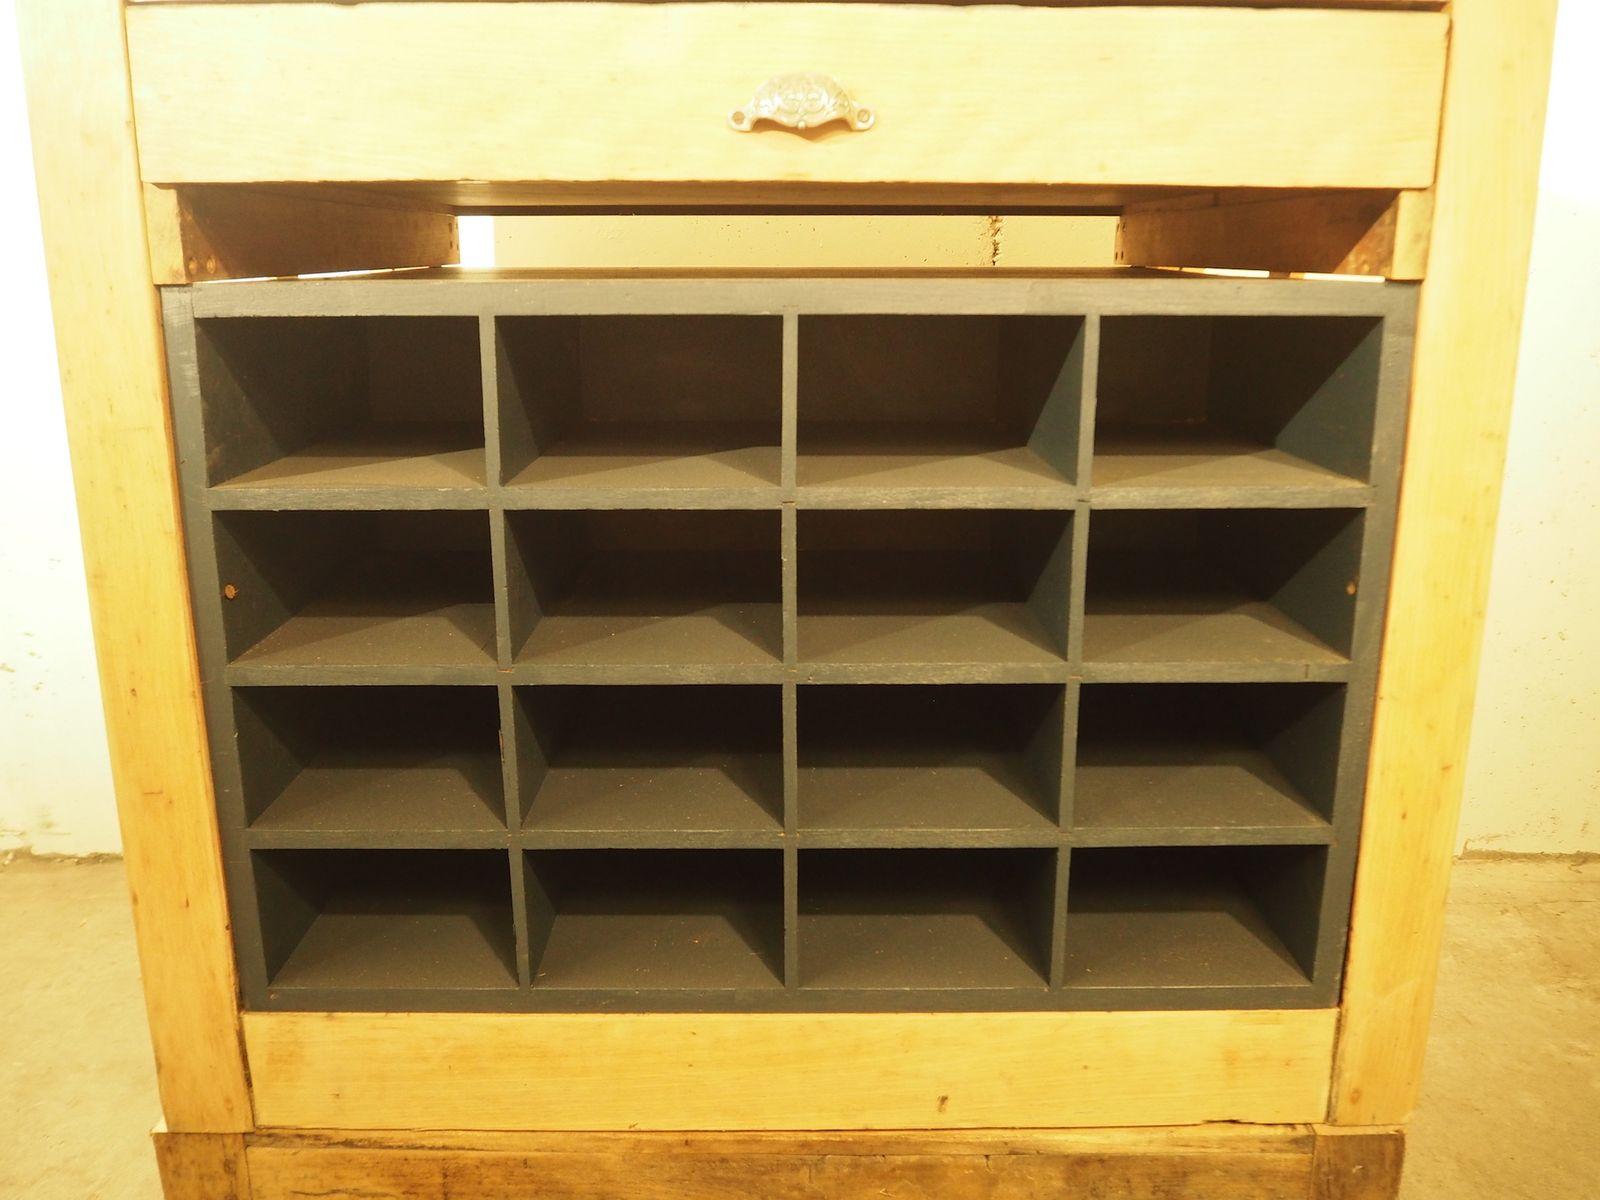 meuble d 39 imprimerie de deberny peignot 1930s en vente sur pamono. Black Bedroom Furniture Sets. Home Design Ideas